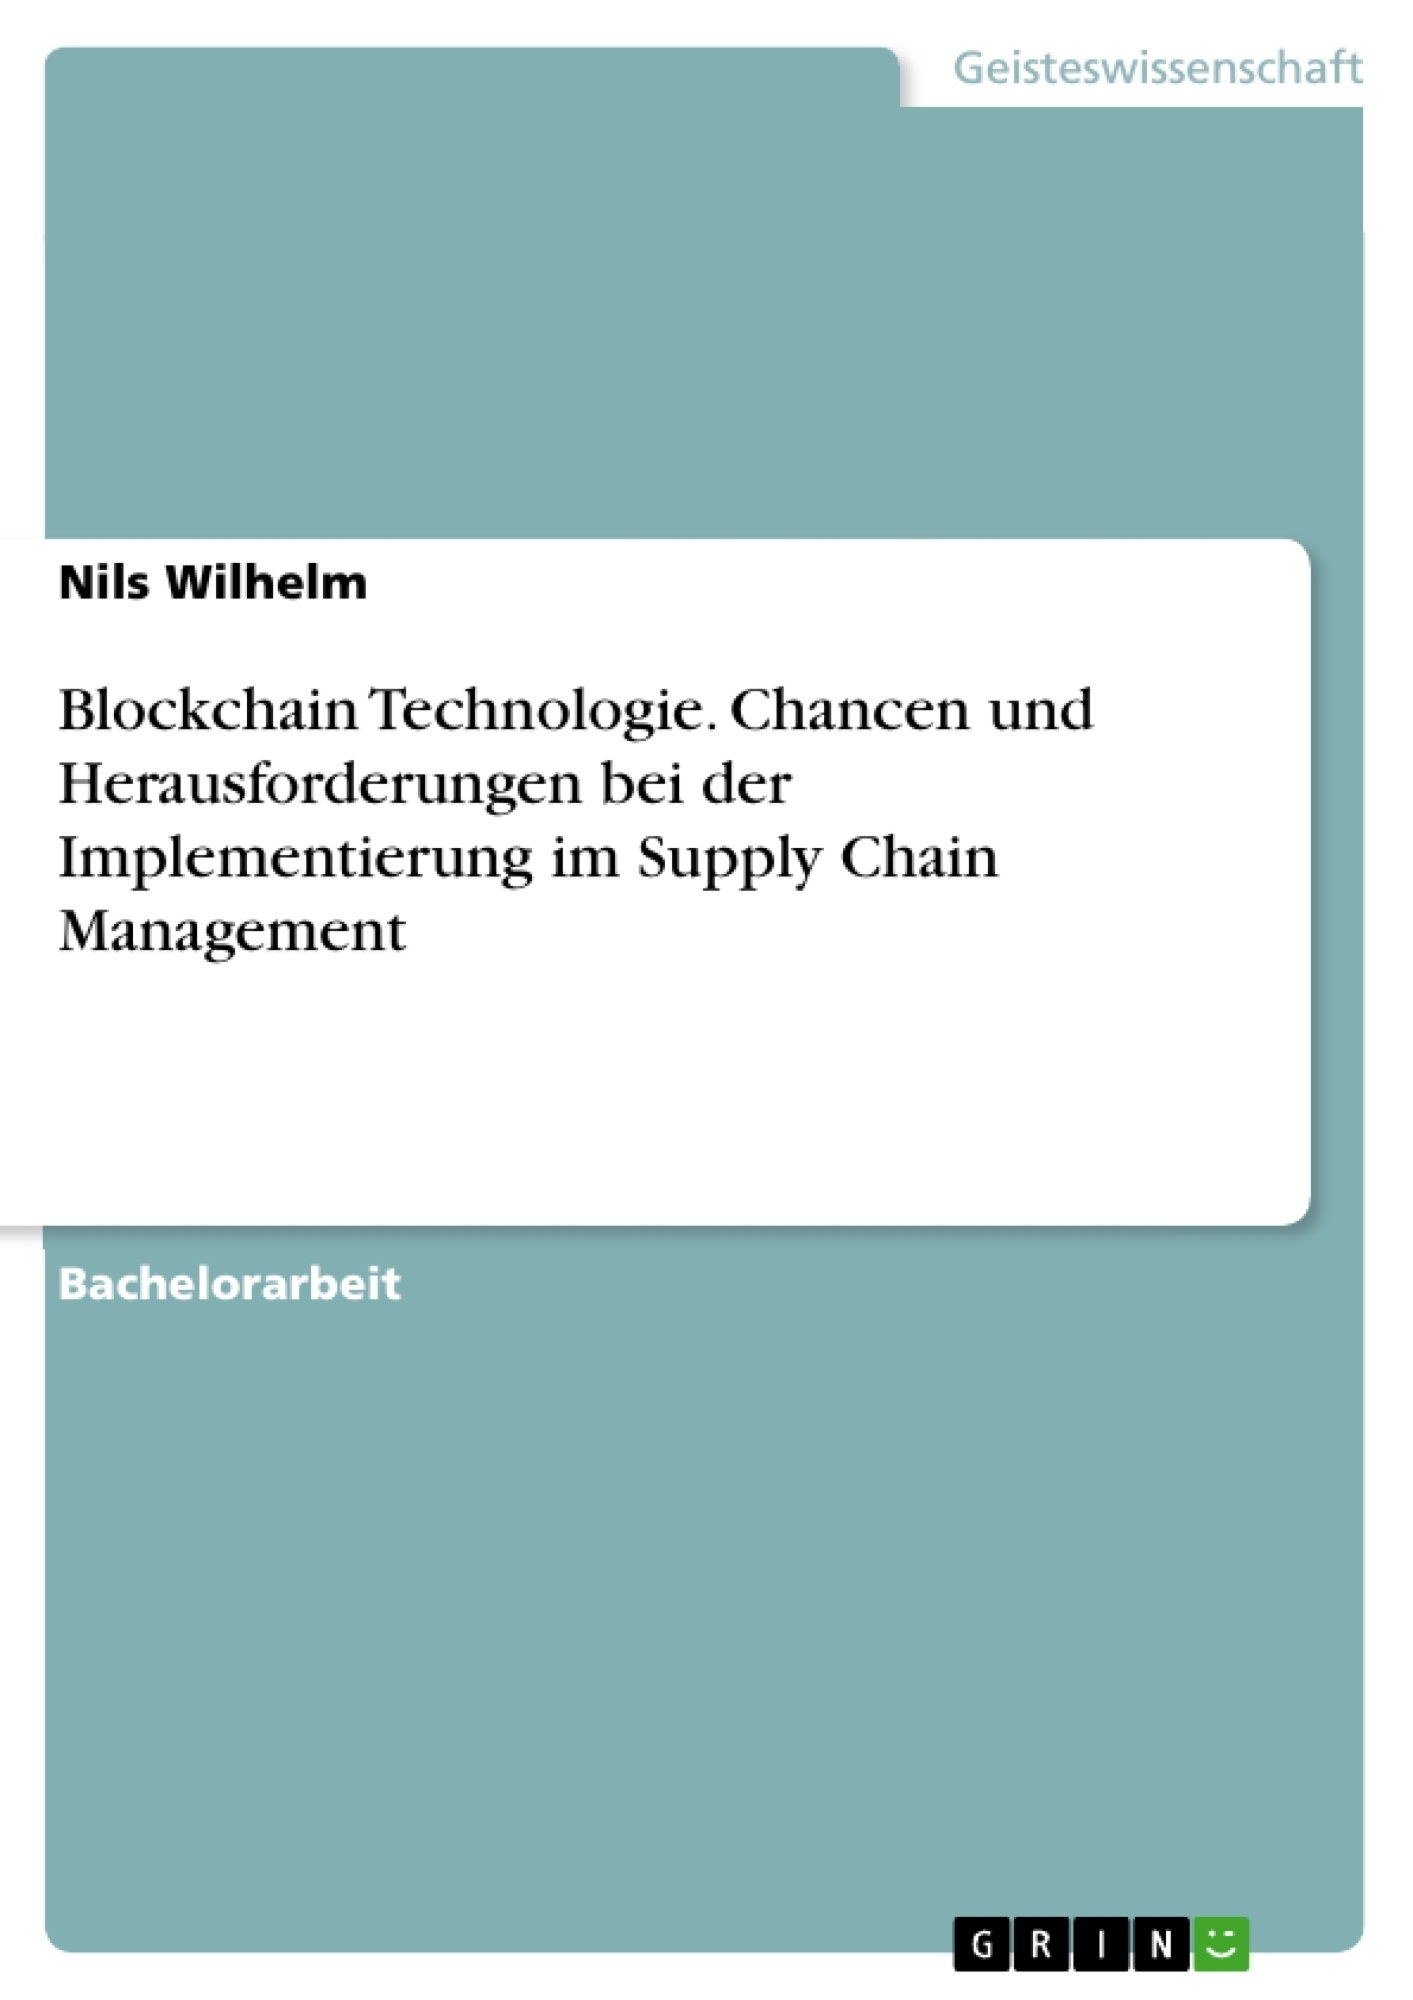 Titel: Blockchain Technologie. Chancen und Herausforderungen bei der Implementierung im Supply Chain Management